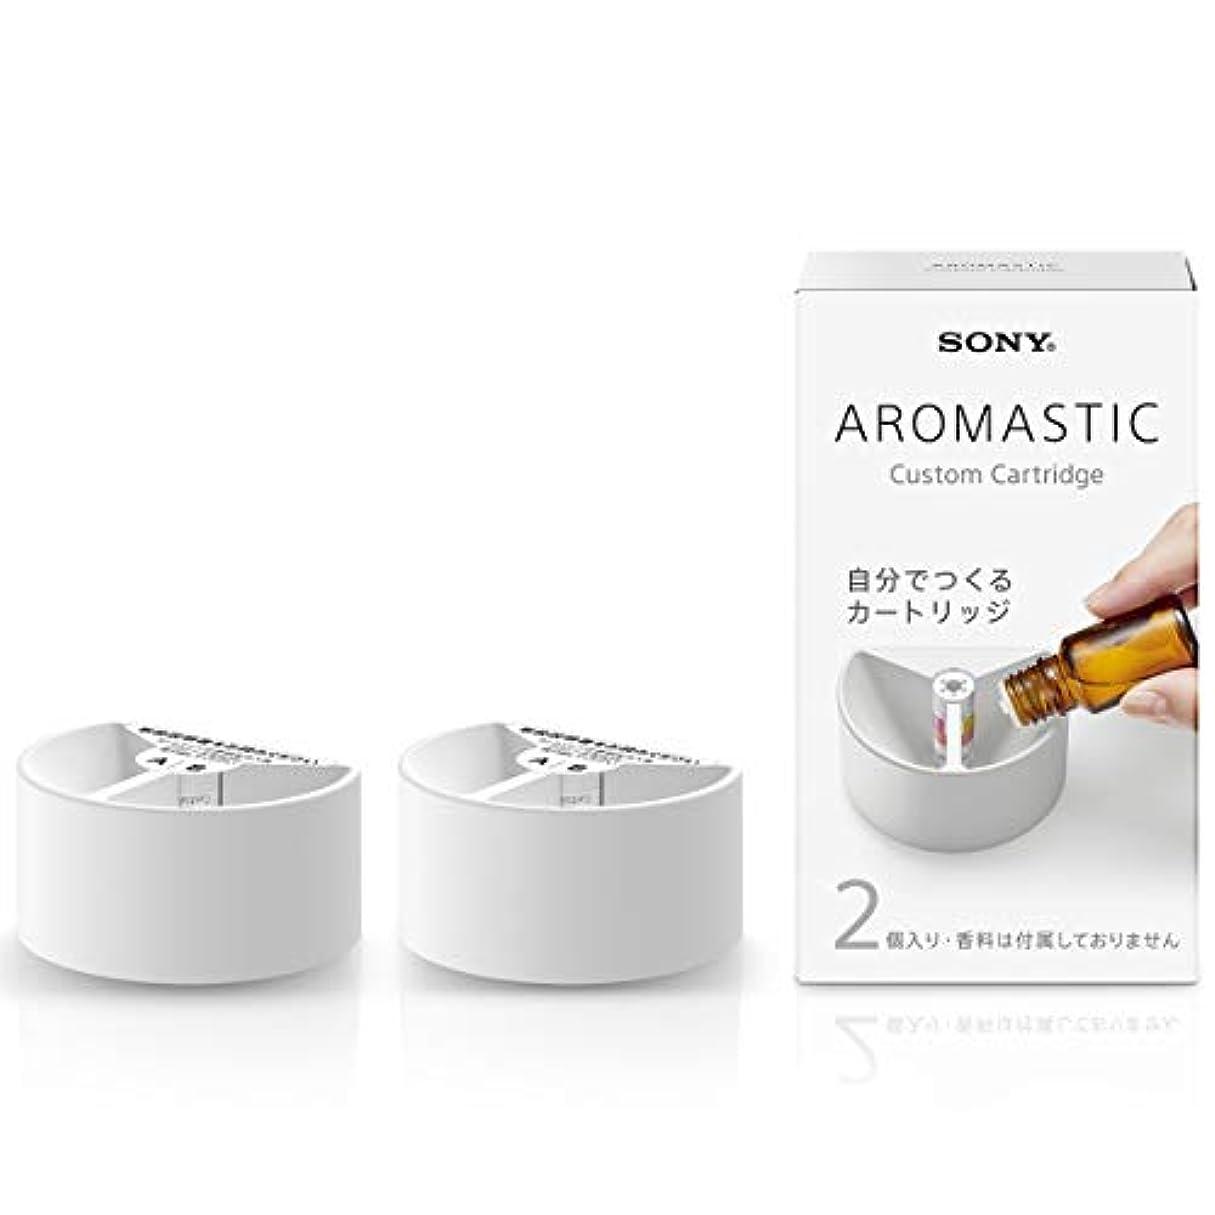 殺人者倍増バイオリンAROMASTIC Custom Cartridge(カスタムカートリッジ) OE-SC001